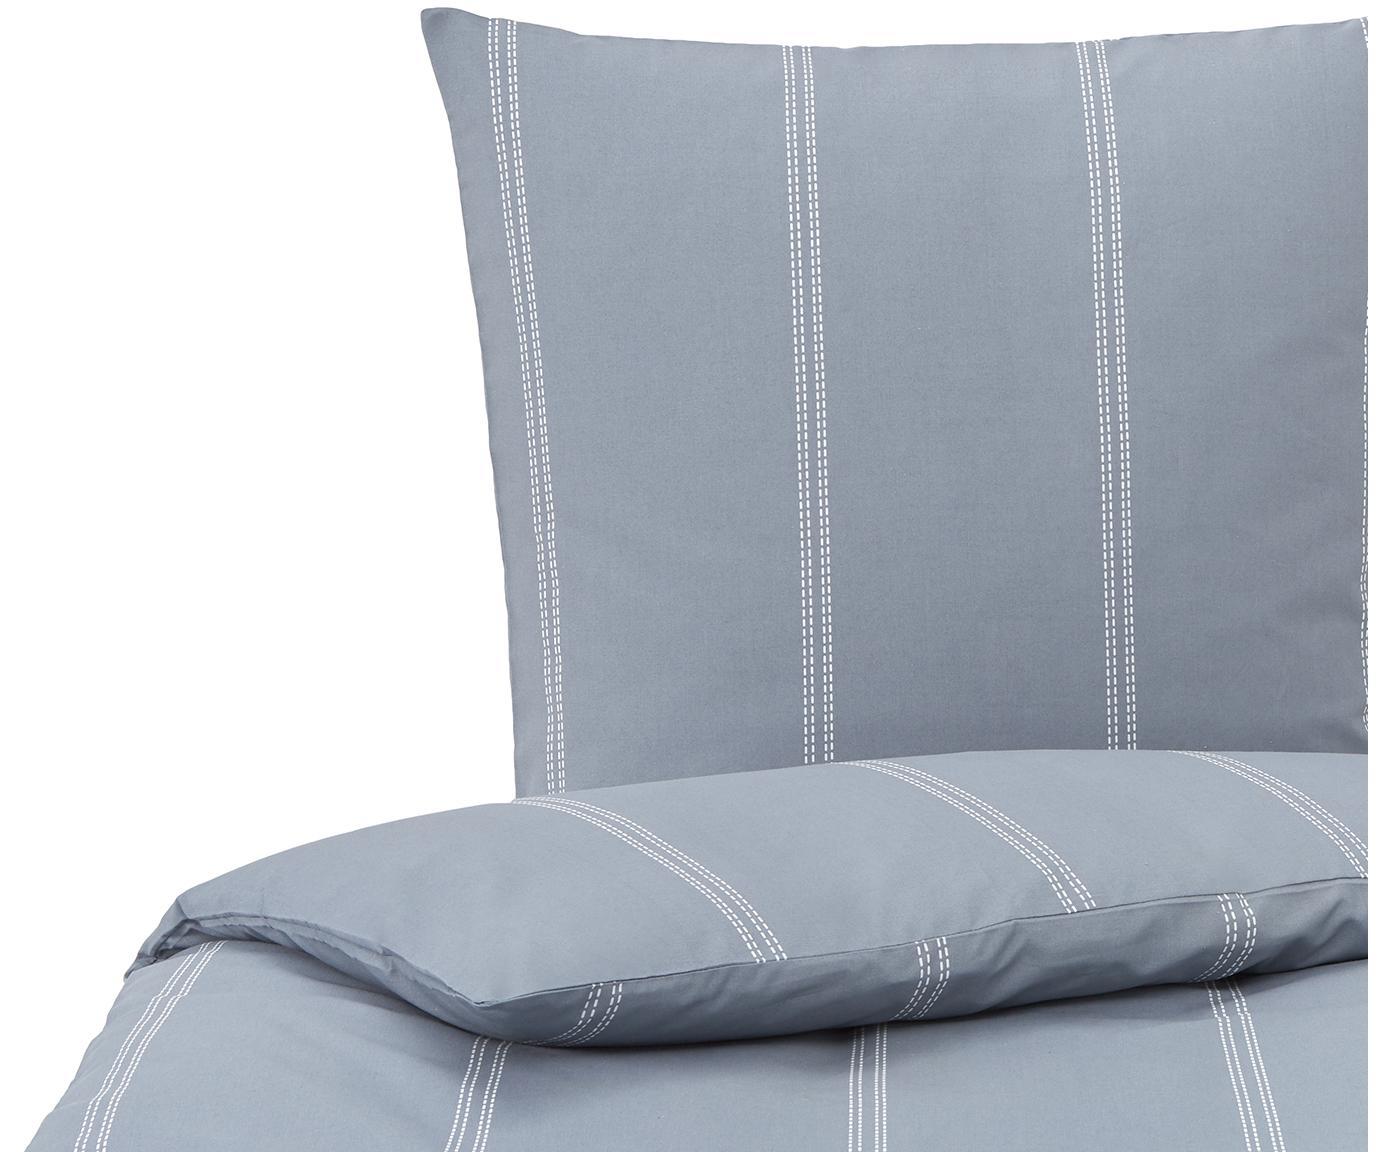 Bedruckte Bettwäsche Remade in Blau, 52% recyceltes Polyester, 48% recycelte Baumwolle  Die Kombination aus recyceltem Polyester und Baumwolle ist nachhaltig, fühlt sich weich an und ist zudem schnell trocknend., Blau, Weiß, 135 x 200 cm + 1 Kissen 80 x 80 cm